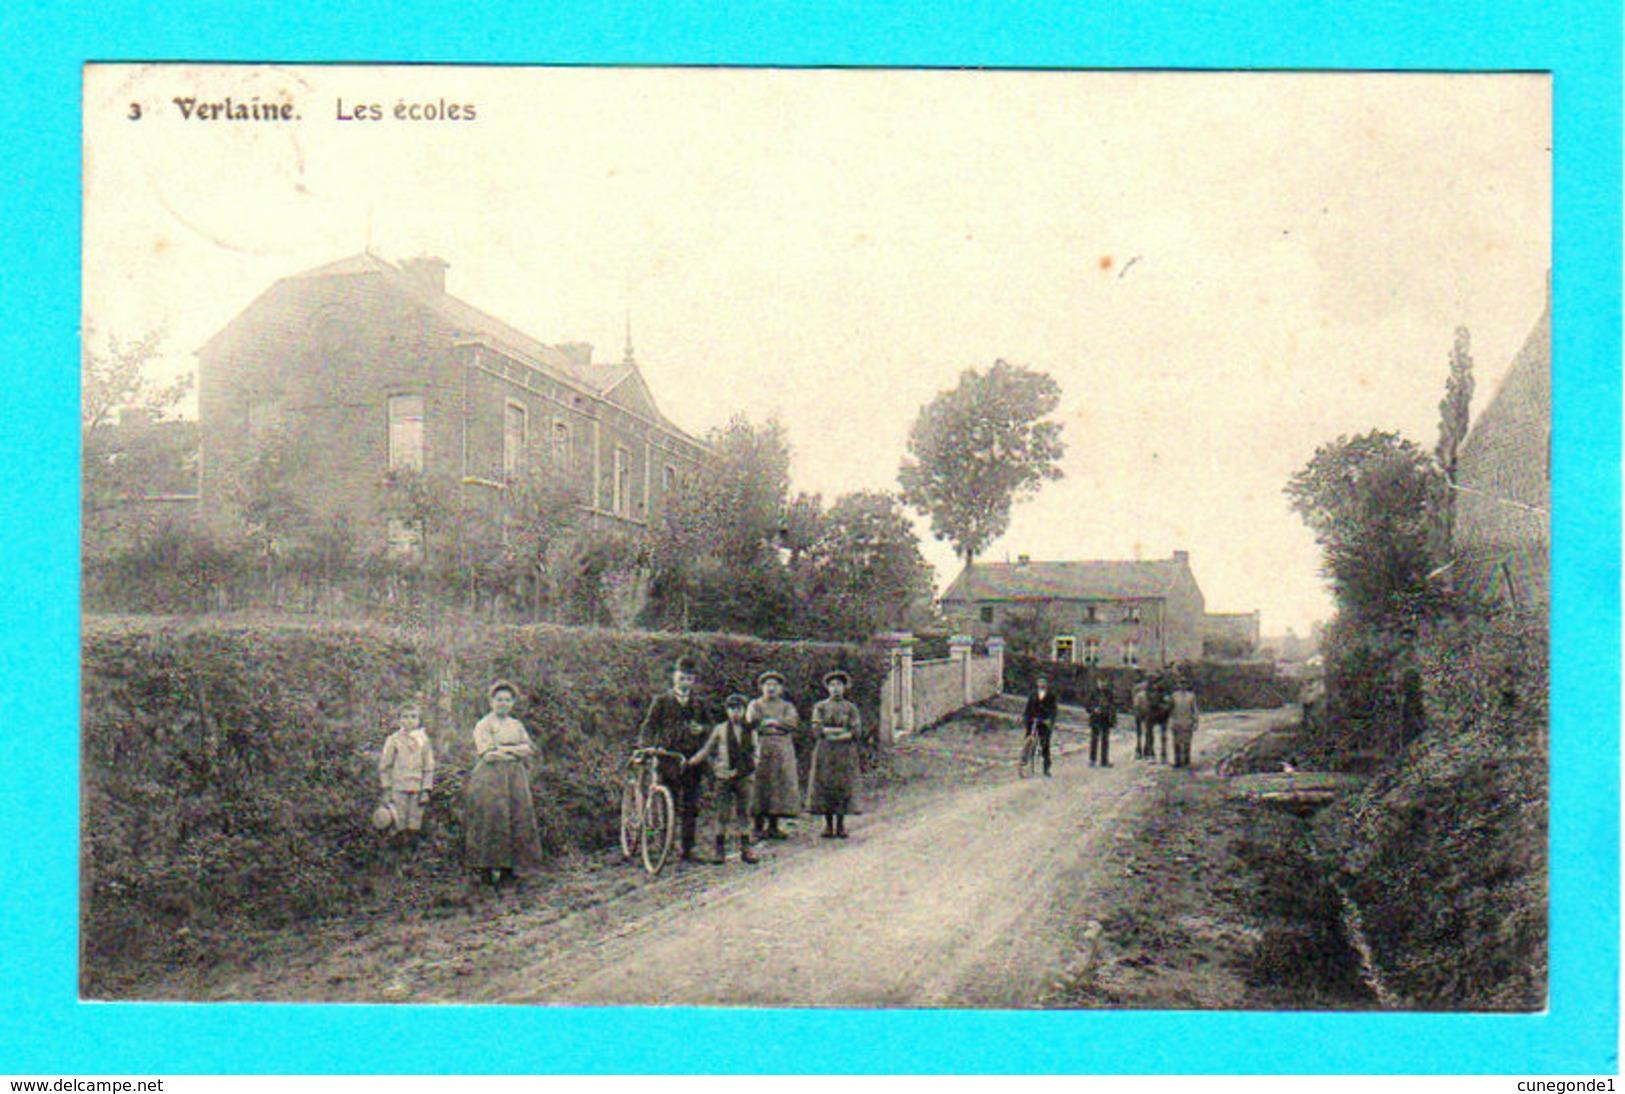 CPA VERLAINE : Les Ecoles N° 3 - Animée Et Circulée En 1912 - Ed N. Laflotte - 2 Scans - Verlaine